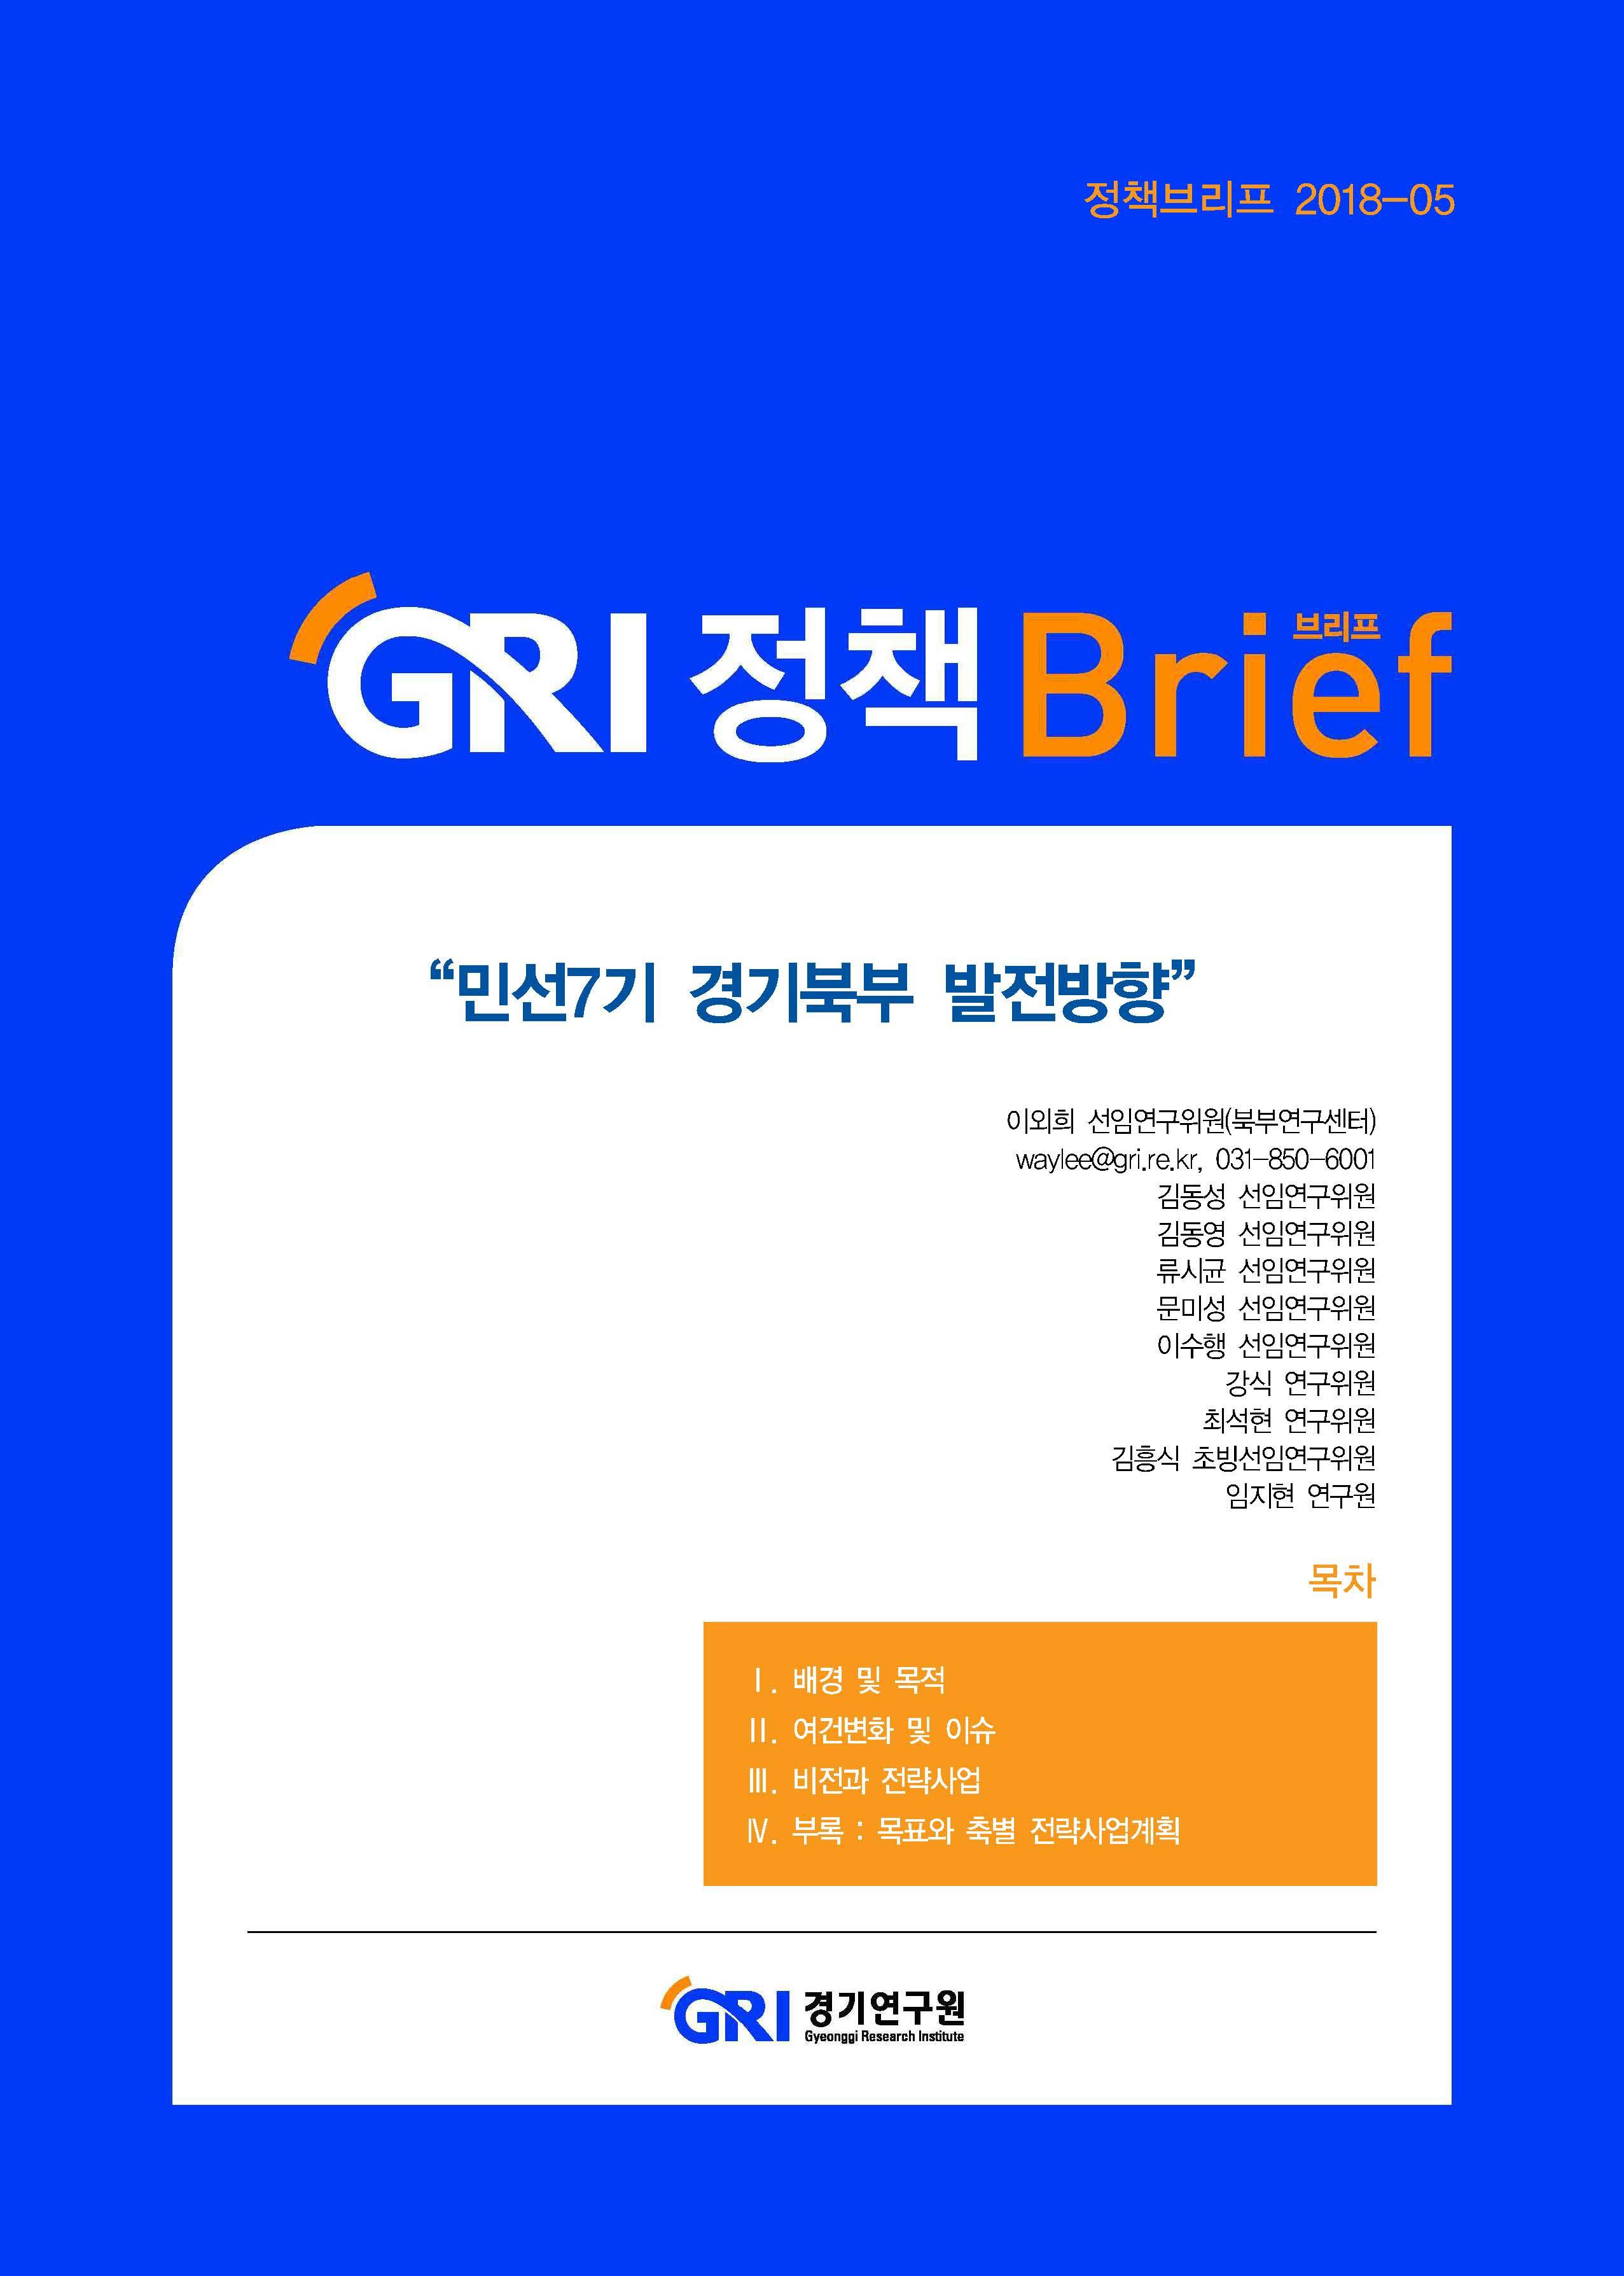 민선 7기 경기북부 발전방향